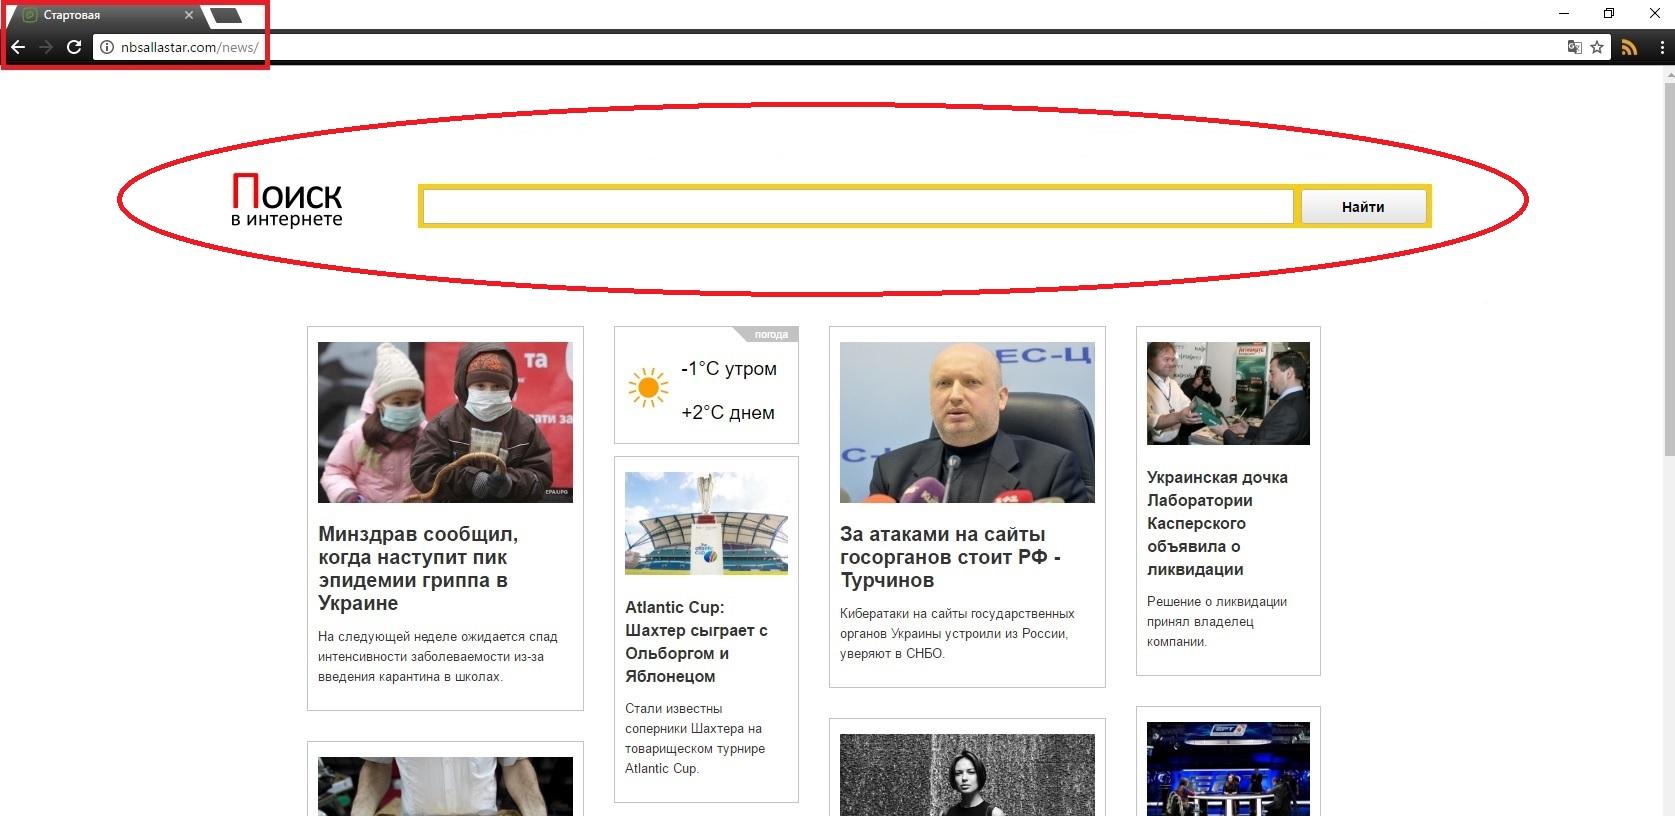 """Nbsallastar.com Ads """"Virus"""""""